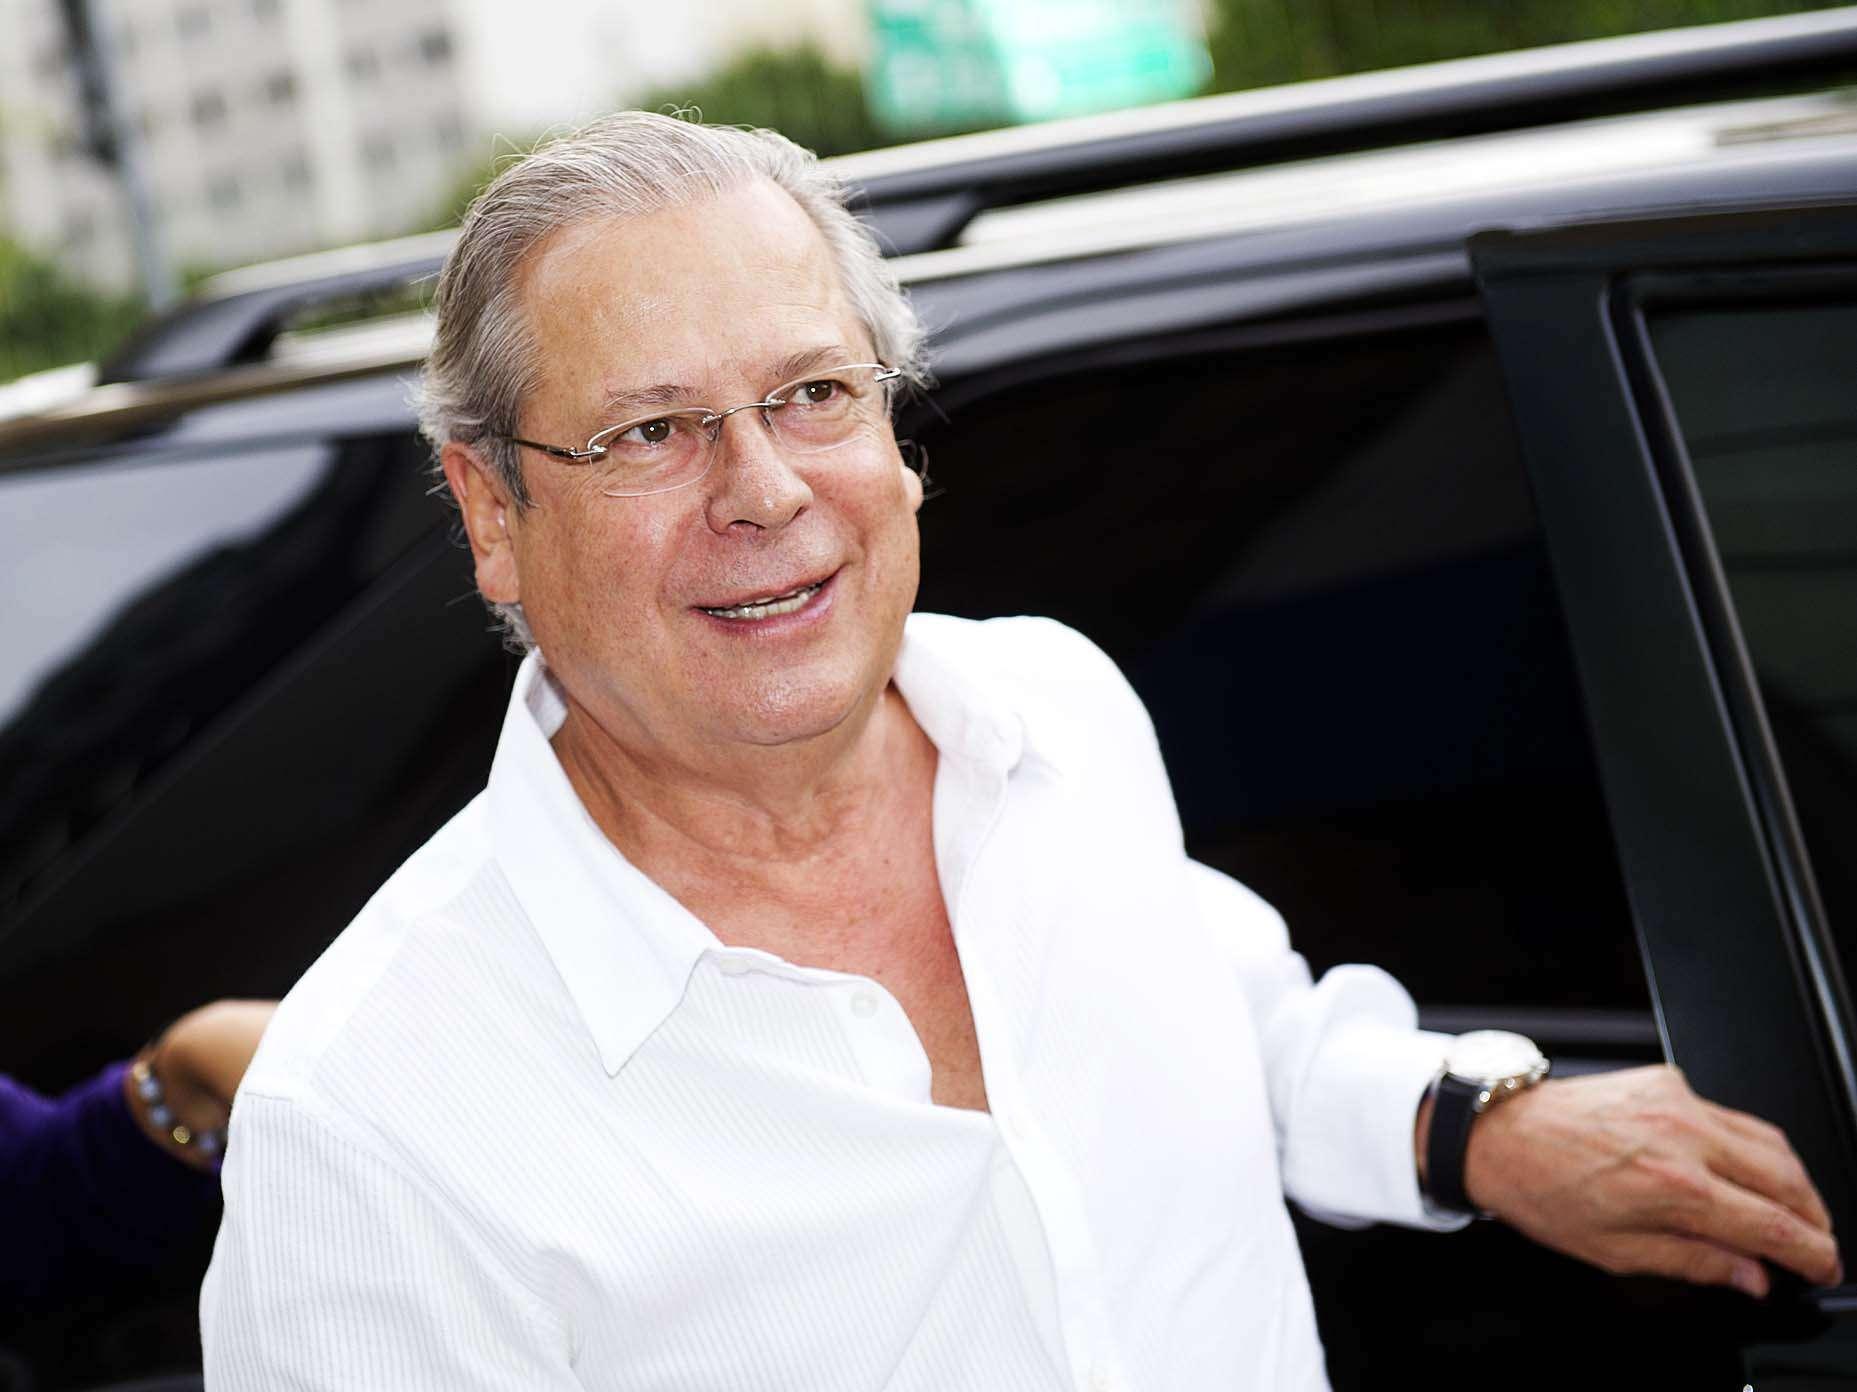 Dirceu poderá cumprir expediente em um escritório de advocacia em Brasília recebendo salário de R$ 2,1 mil Foto: Bruno Santos/Terra